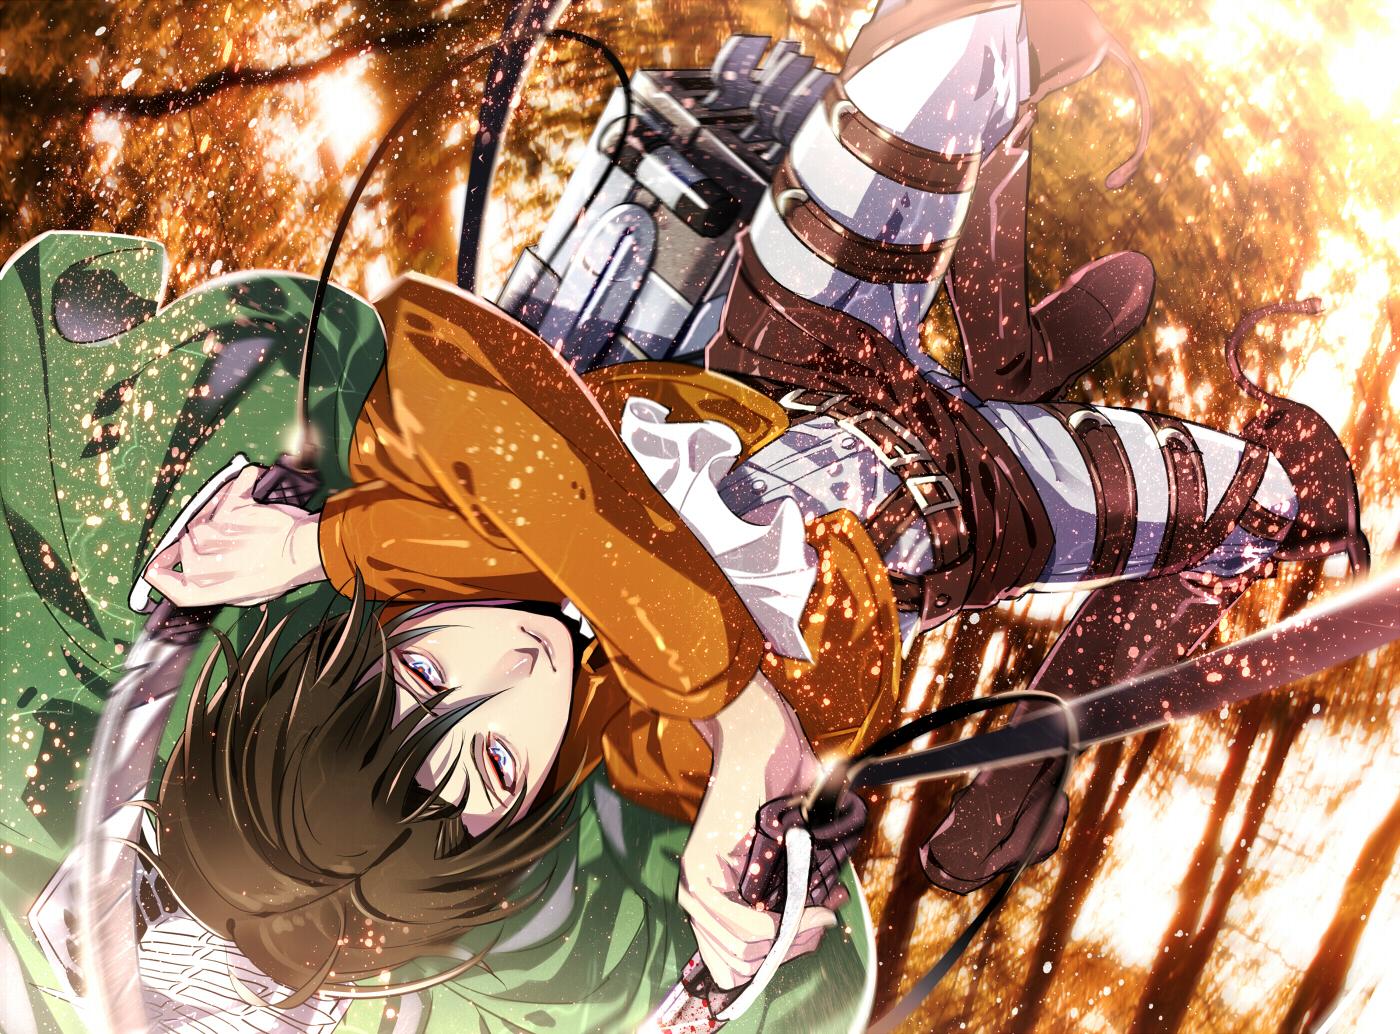 Shingeki No Kyojin Season 2 4 Free Hd Wallpaper Shingeki No Kyojin Manga 1400x1034 Download Hd Wallpaper Wallpapertip